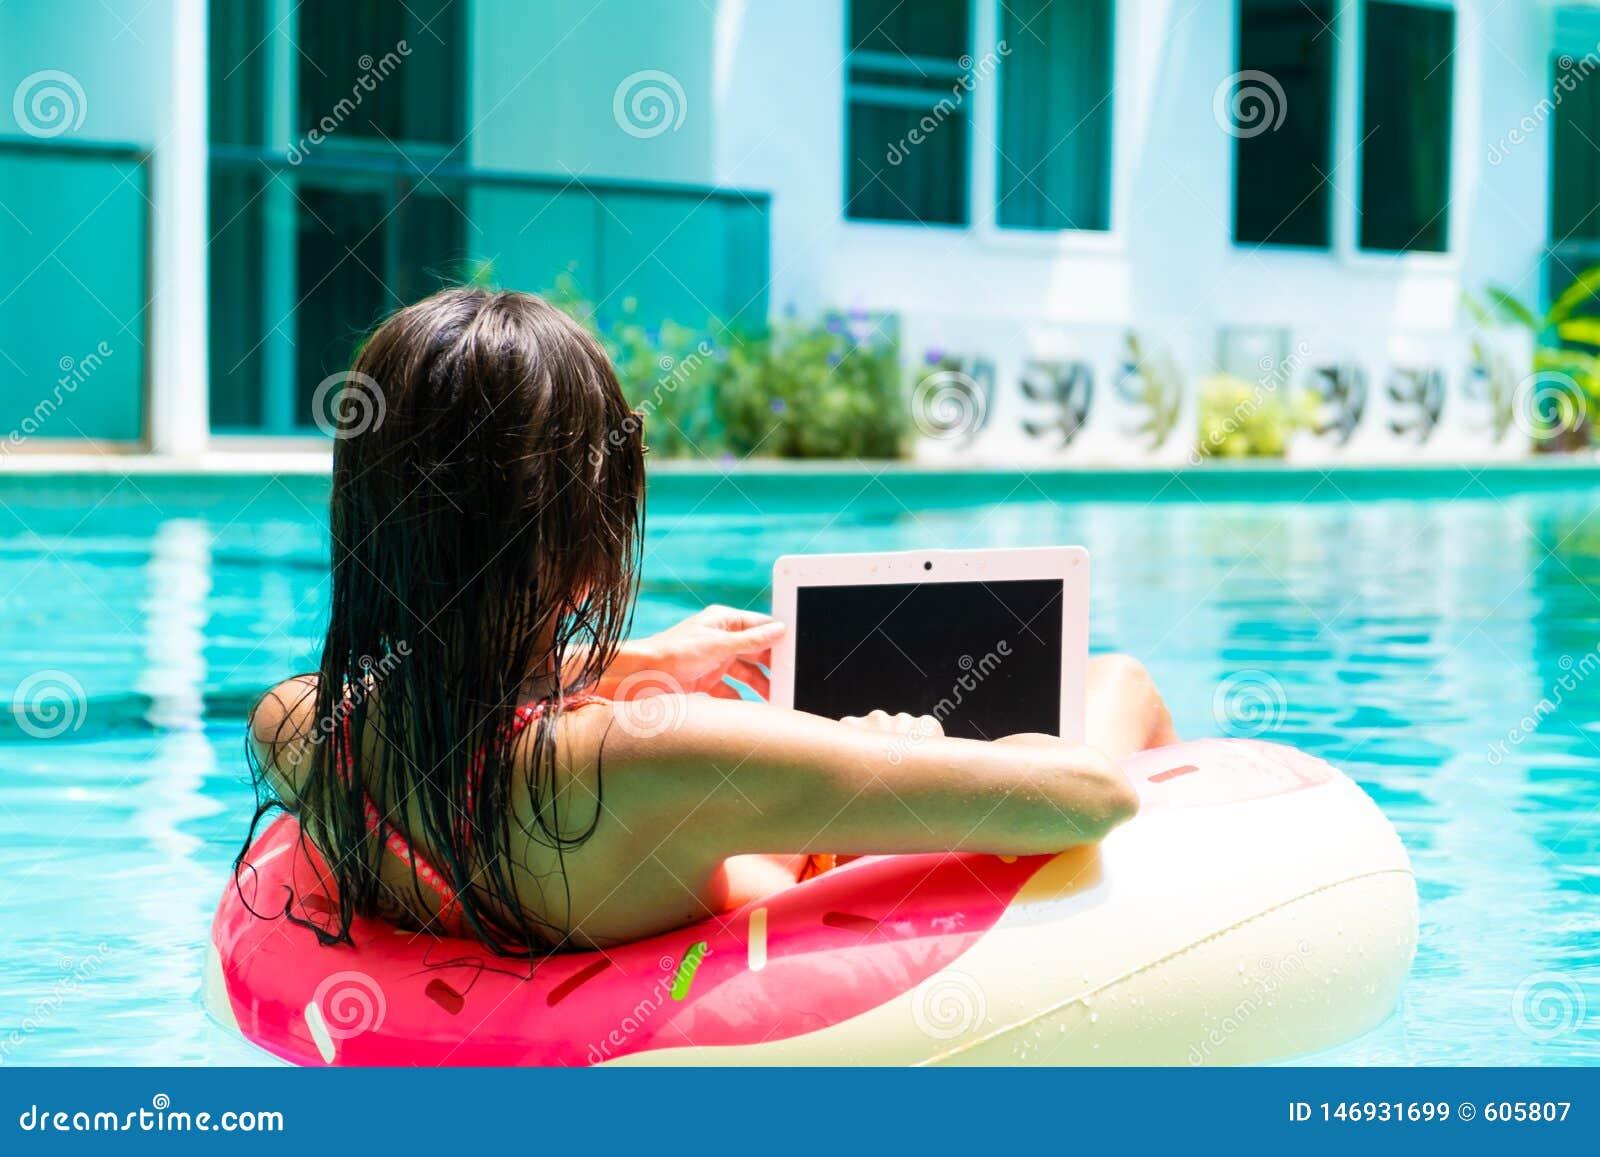 Η νέα όμορφη γυναίκα freelancer επιπλέει στη θάλασσα ή στη λίμνη σε έναν κολυμπώντας κύκλο Ένα κορίτσι χαλαρώνει